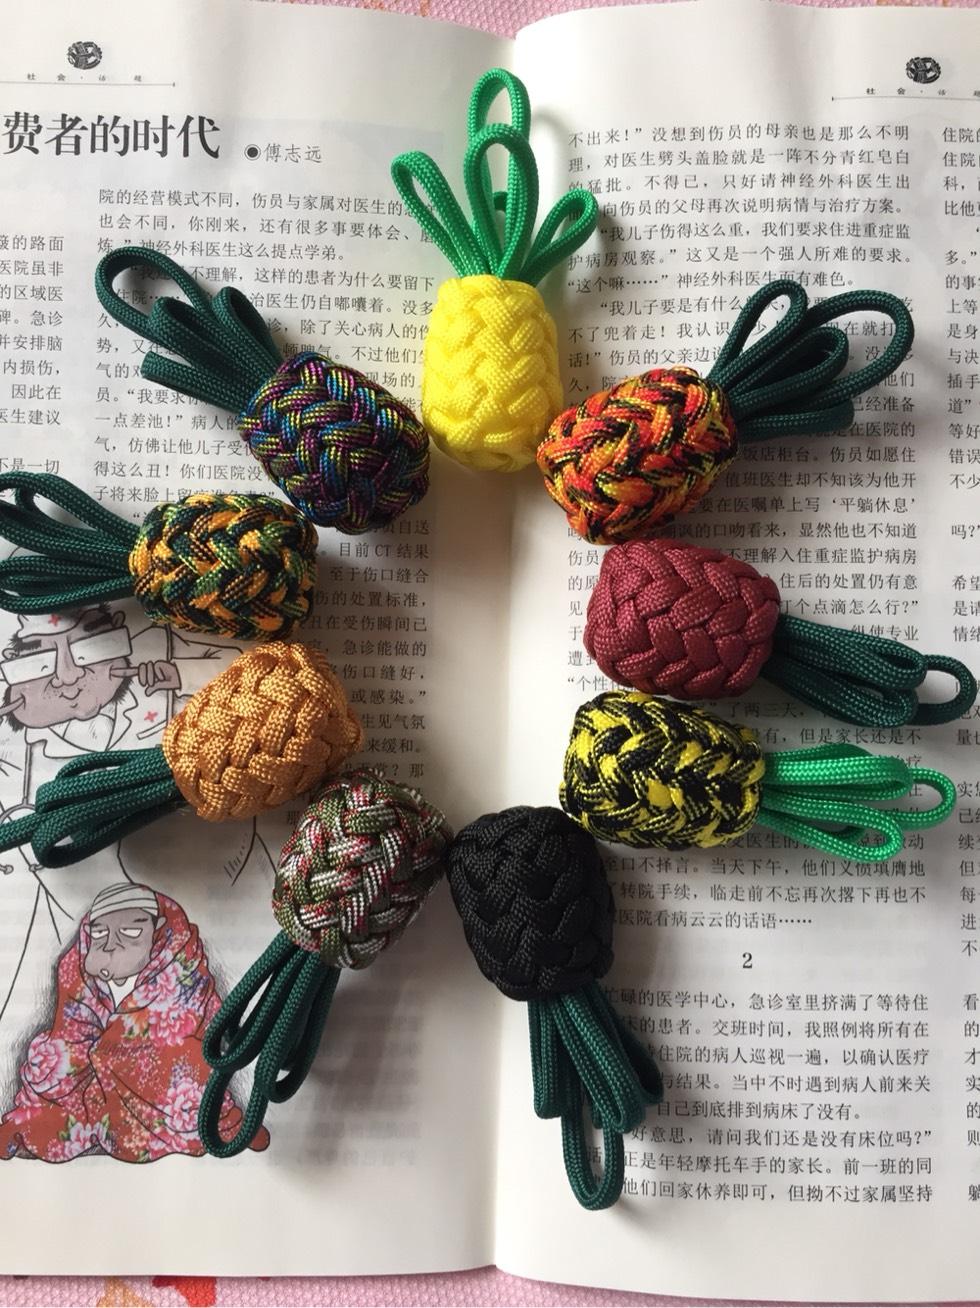 中国结论坛 菠萝挂饰。 挂饰,幼儿园挂饰吊饰手工图,简单又漂亮的挂饰手工,凤梨和菠萝的区别,手工挂饰 作品展示 164211r9z0v6hwjvqhh00v